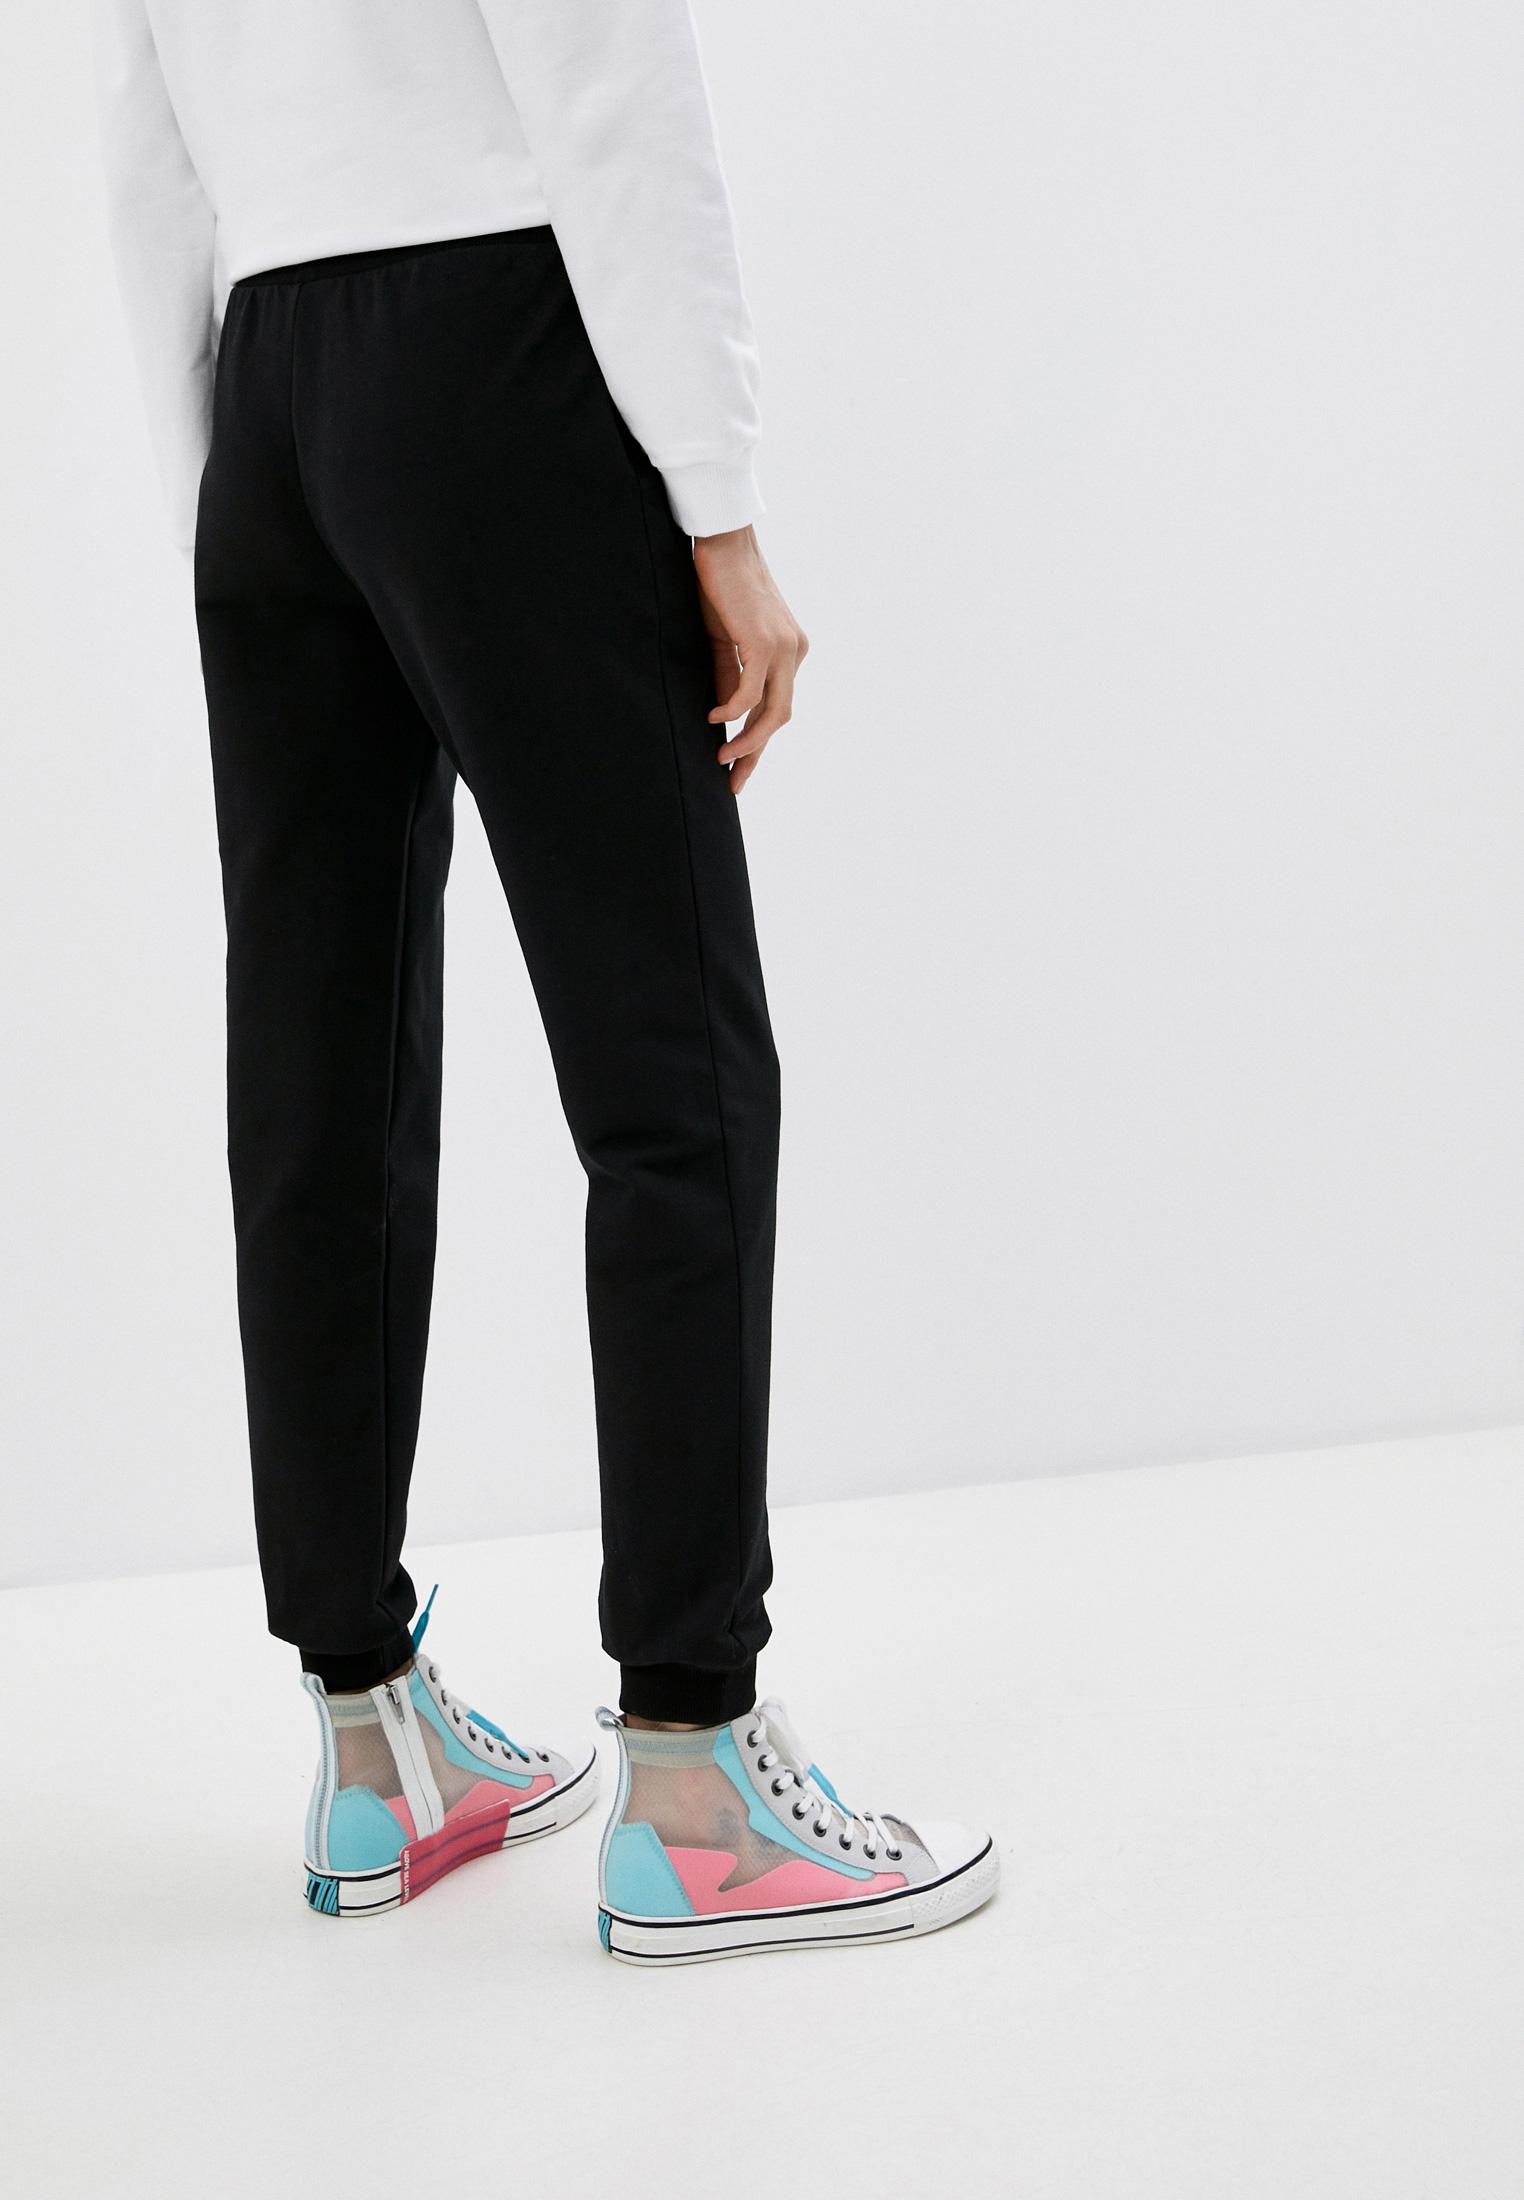 Женские спортивные брюки Moschino swim 6704 2117: изображение 4